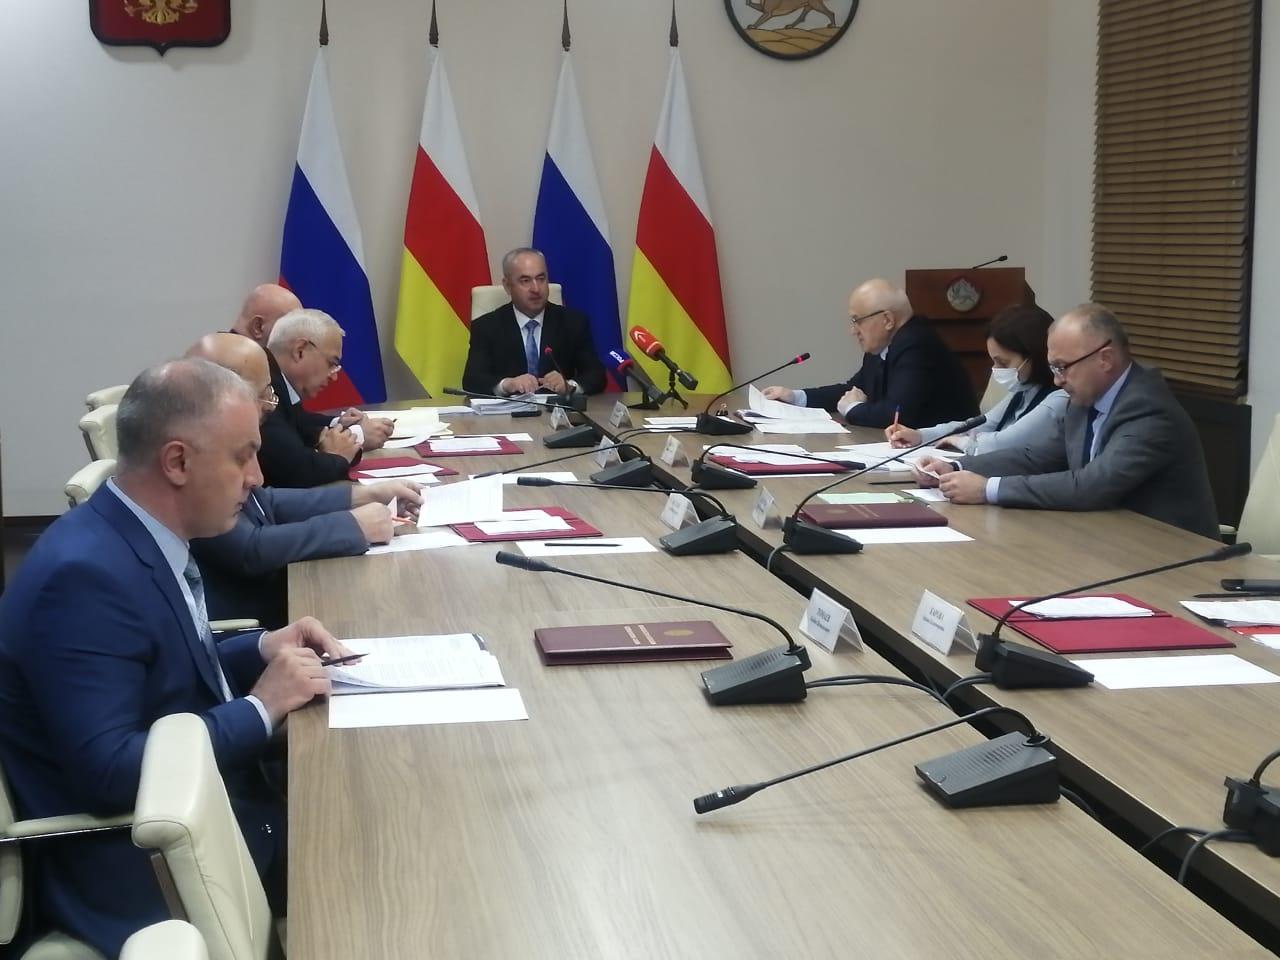 В Северной Осетии определили получателей стипендии имени В.Абаева и Г.Плиева